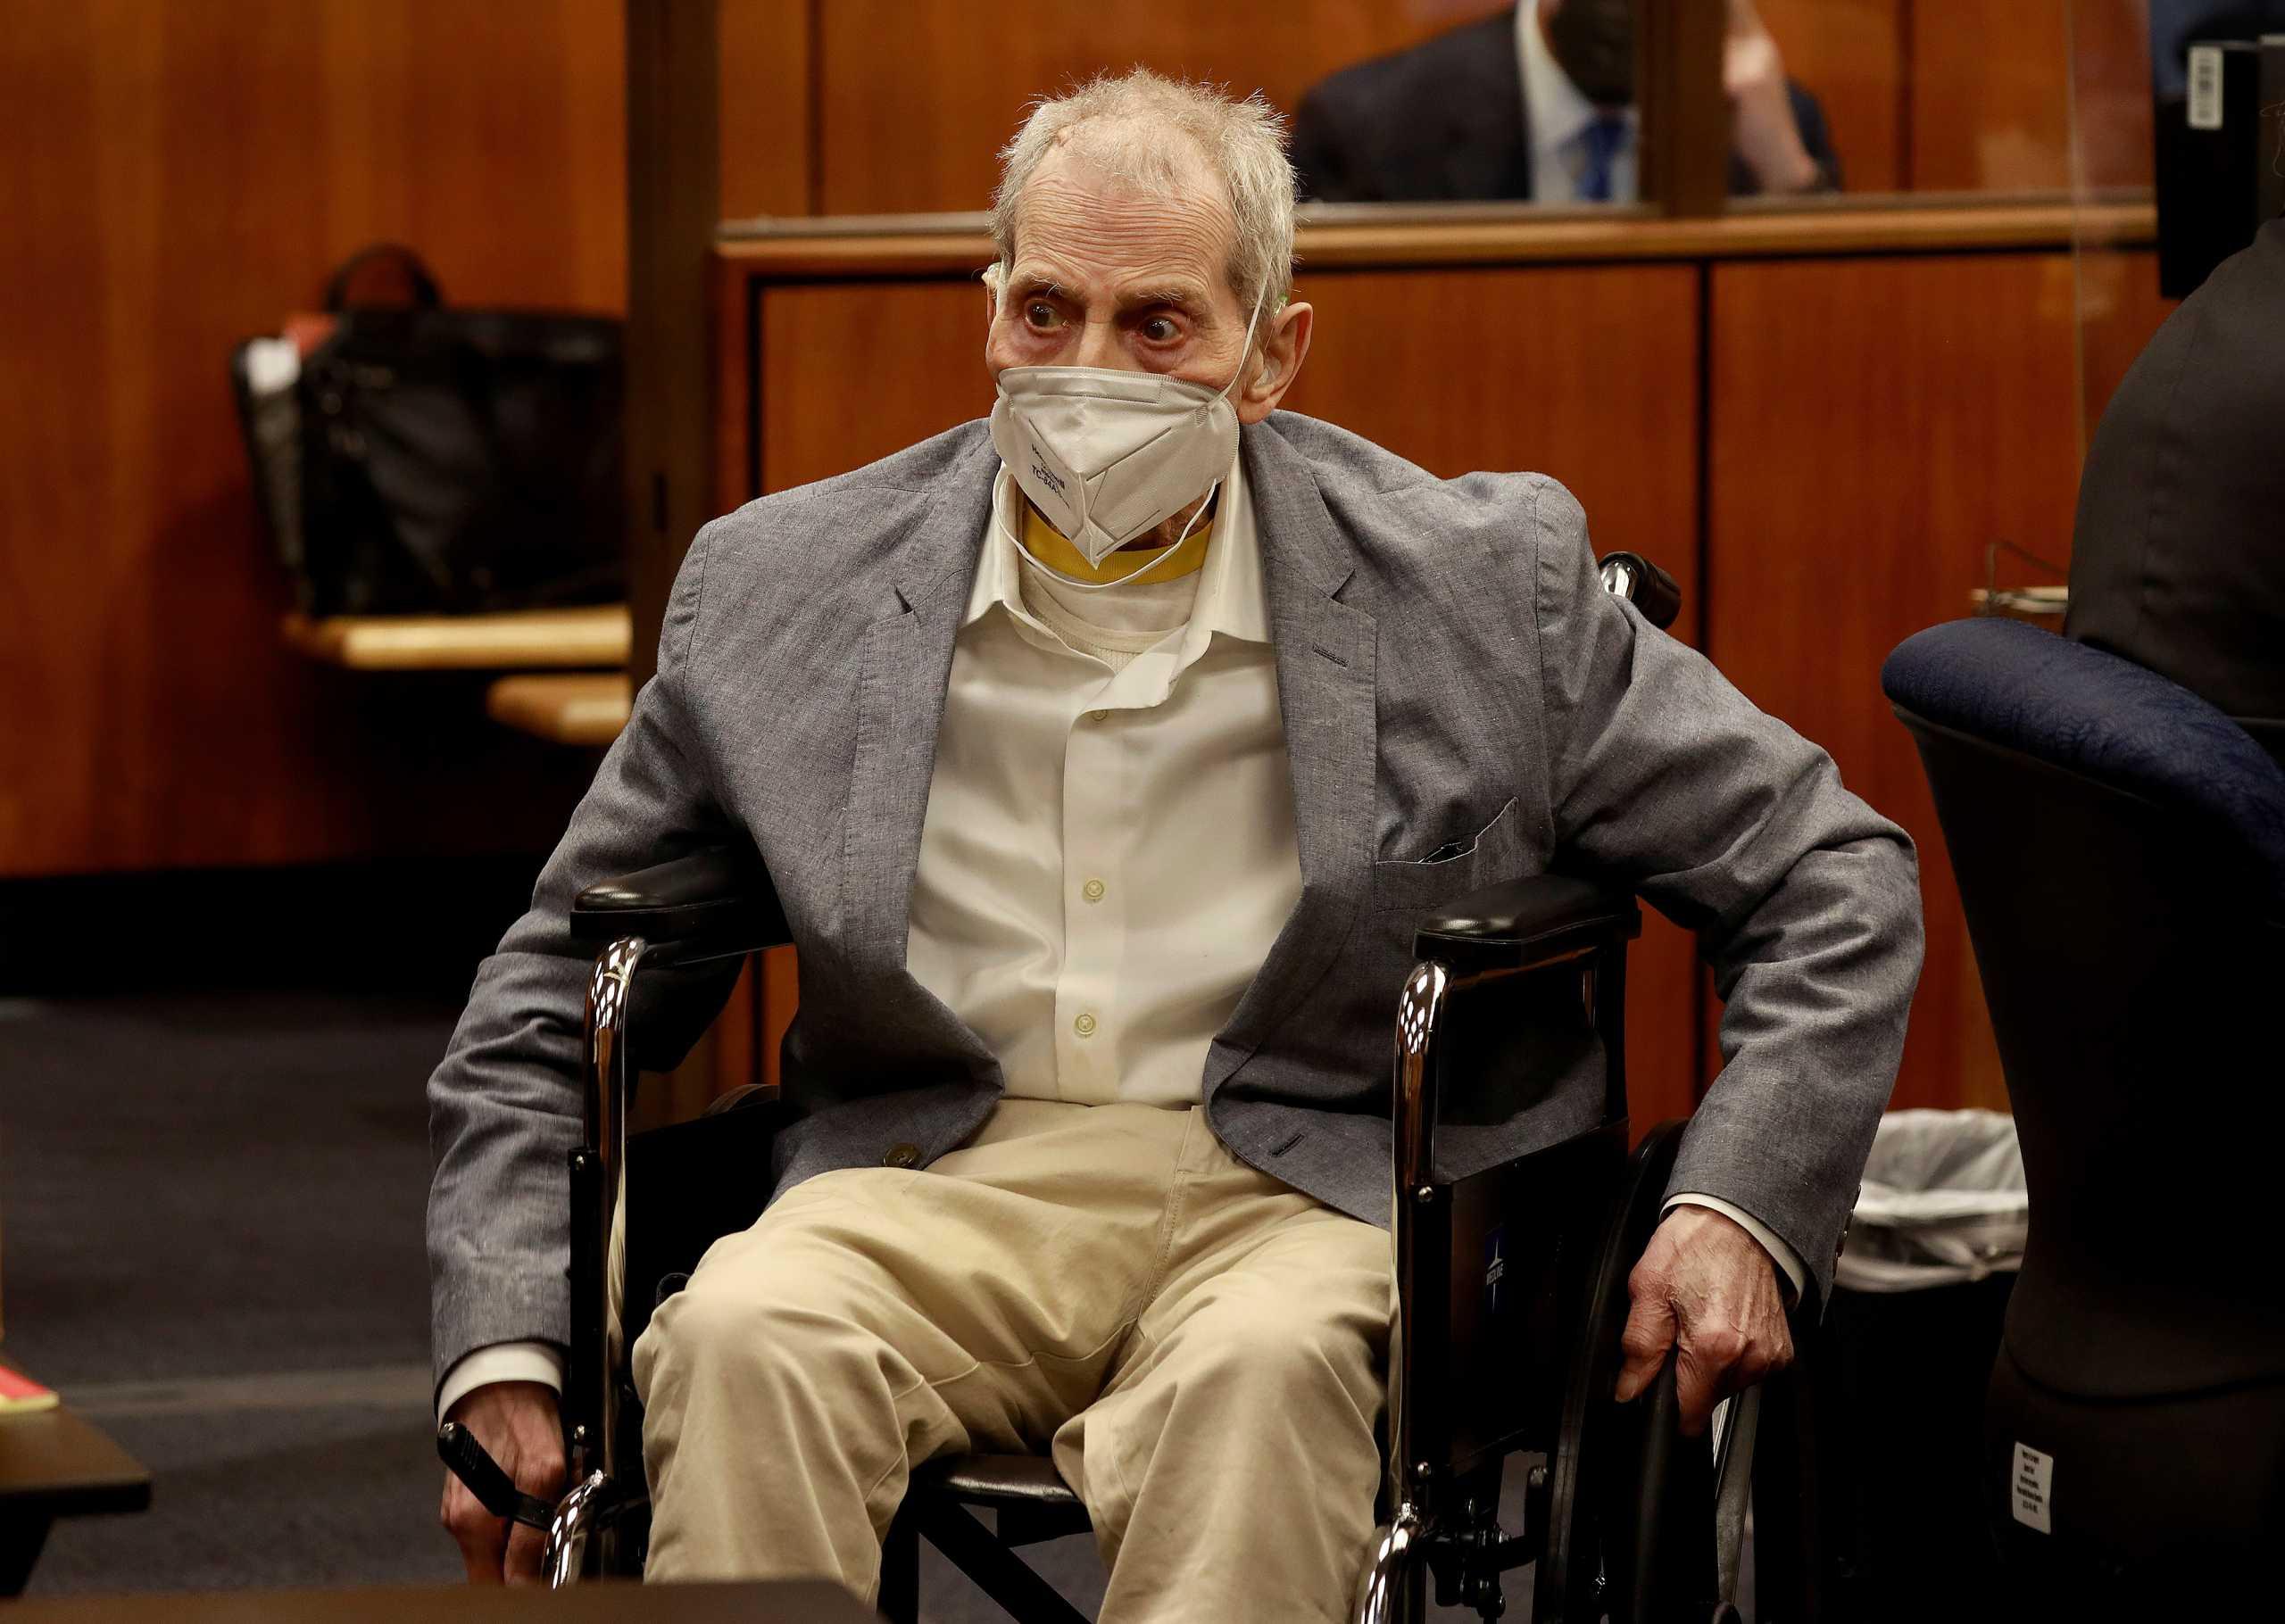 Καλιφόρνια: Ο βαθύπλουτος Ρόμπερτ Νταρστ καταδικάστηκε για το φόνο της καλύτερής του φίλης